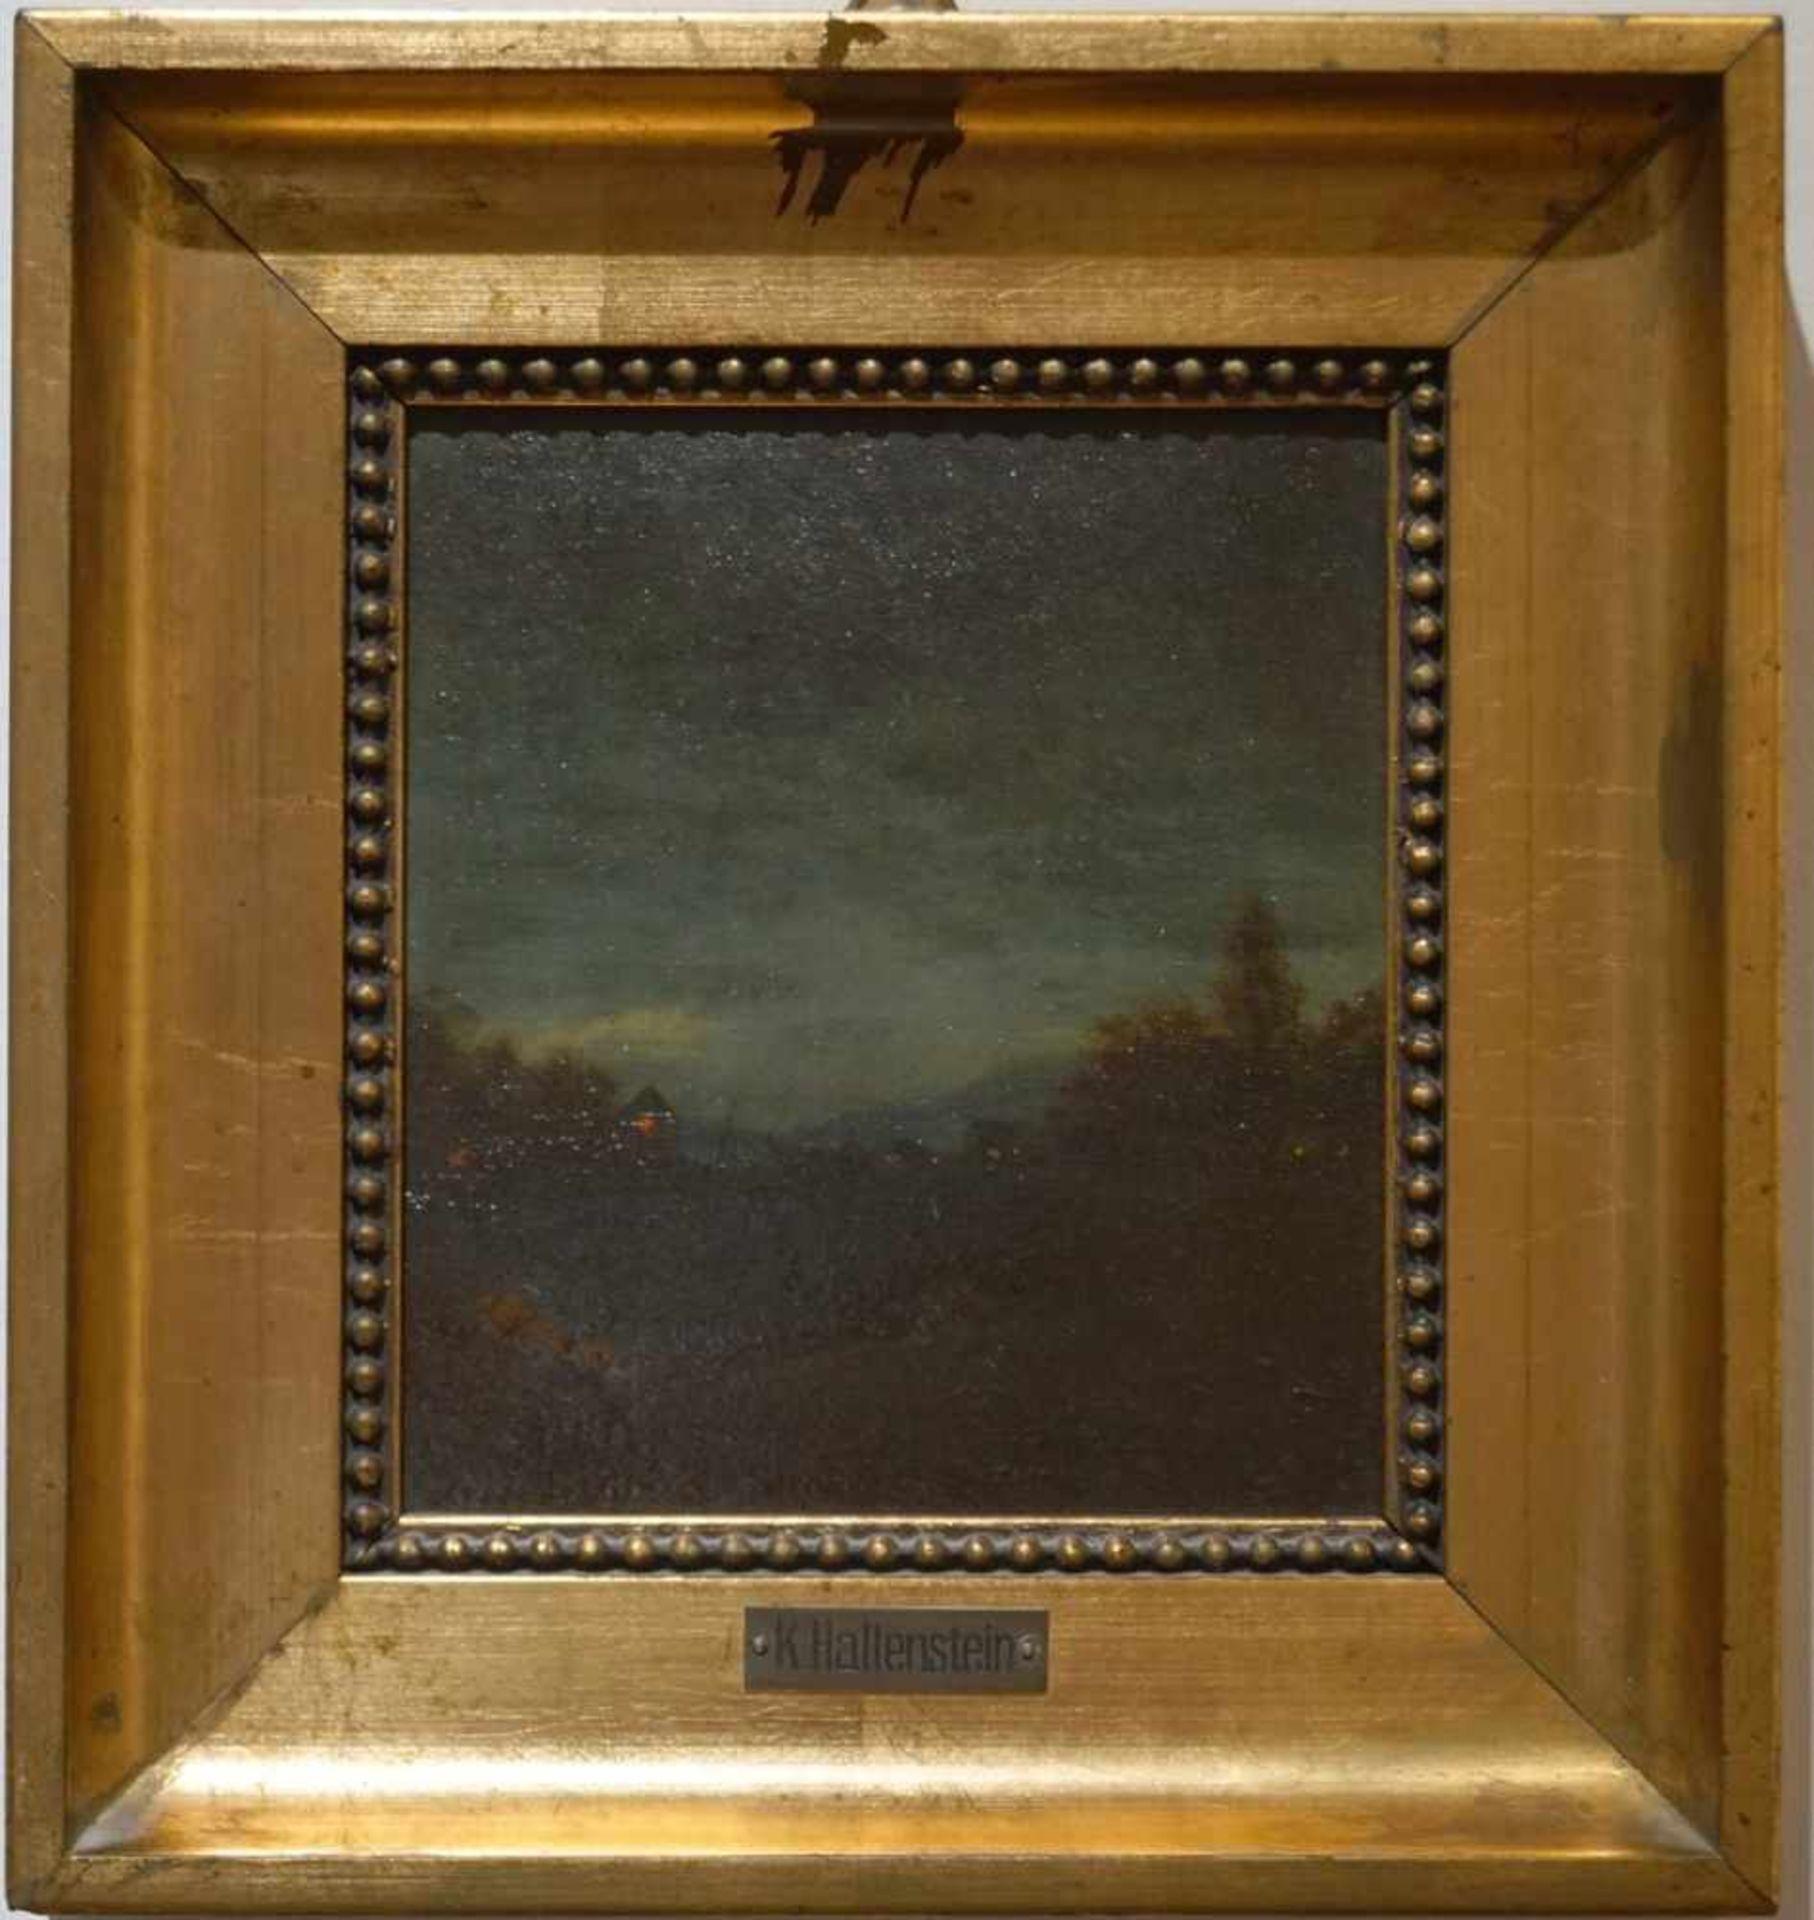 Zwei kleine Mondscheinlandschaften Konrad Hallenstein, Öl auf Karton, gerahmt, Höhe 21,5 cm x Breite - Bild 2 aus 6